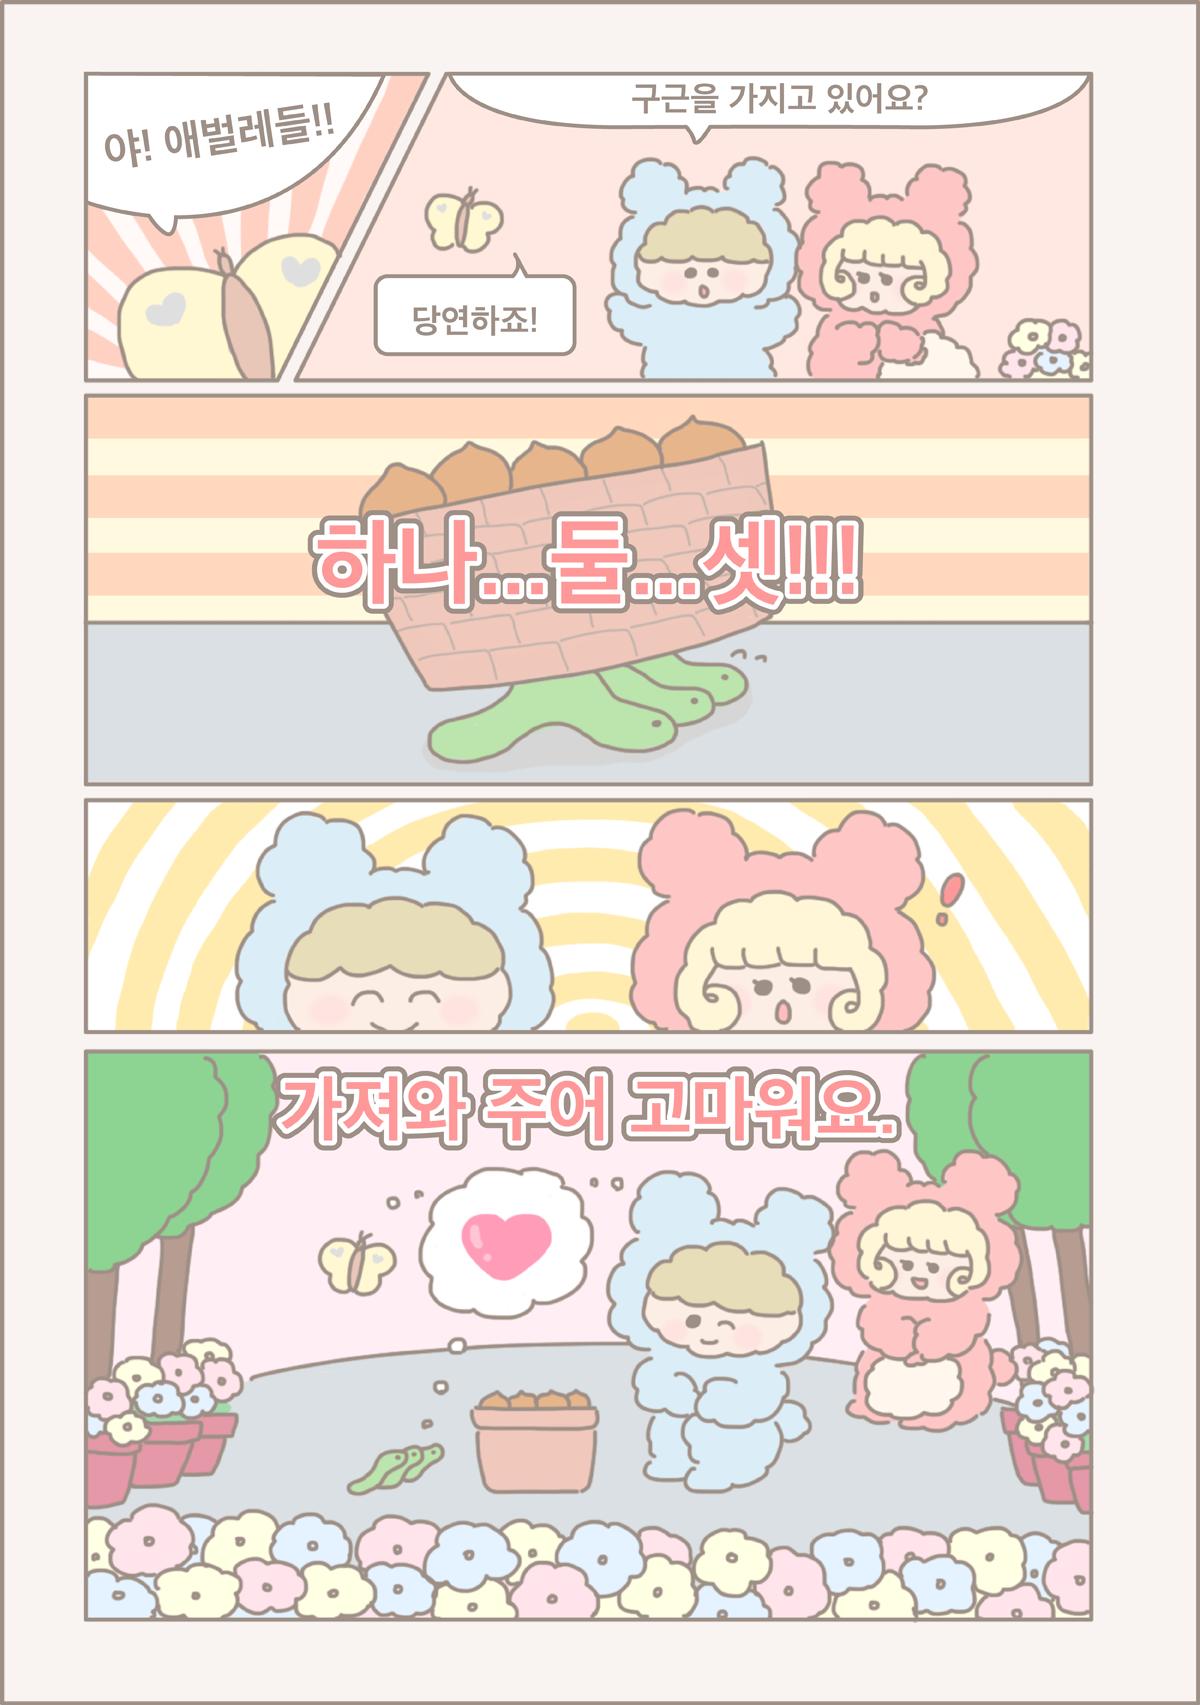 cam2-5_korean.png